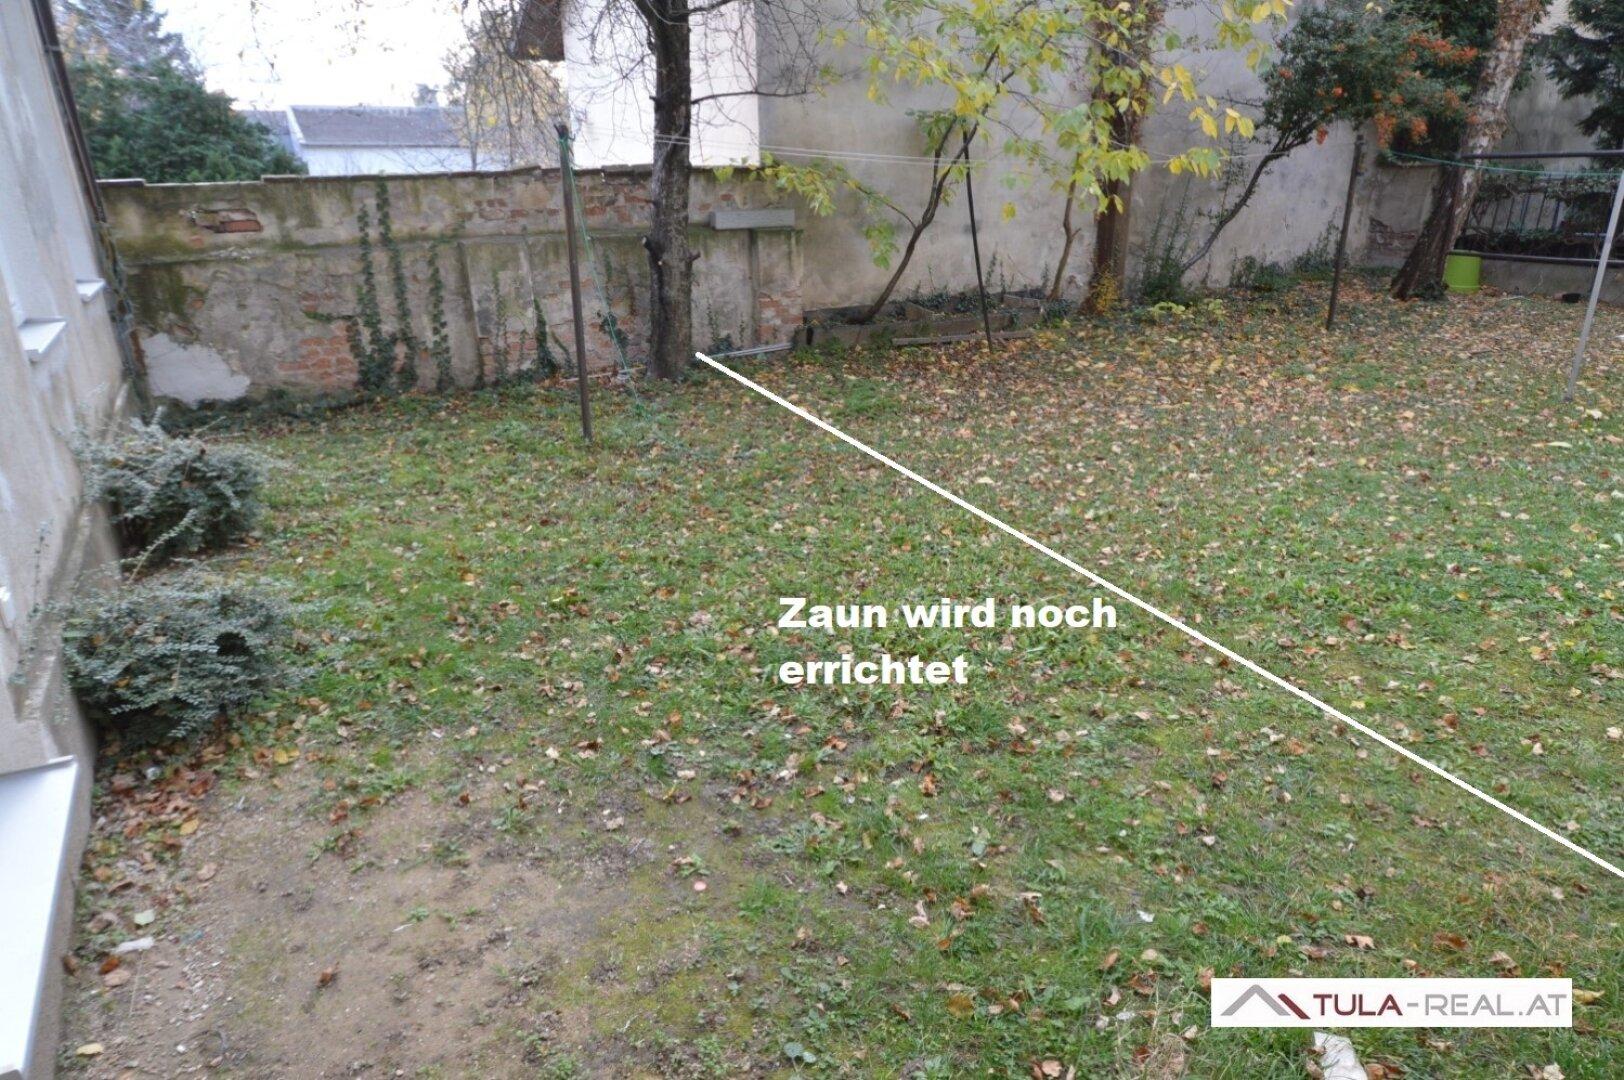 privater Gartenanteil (Zaun wird noch errichtet)